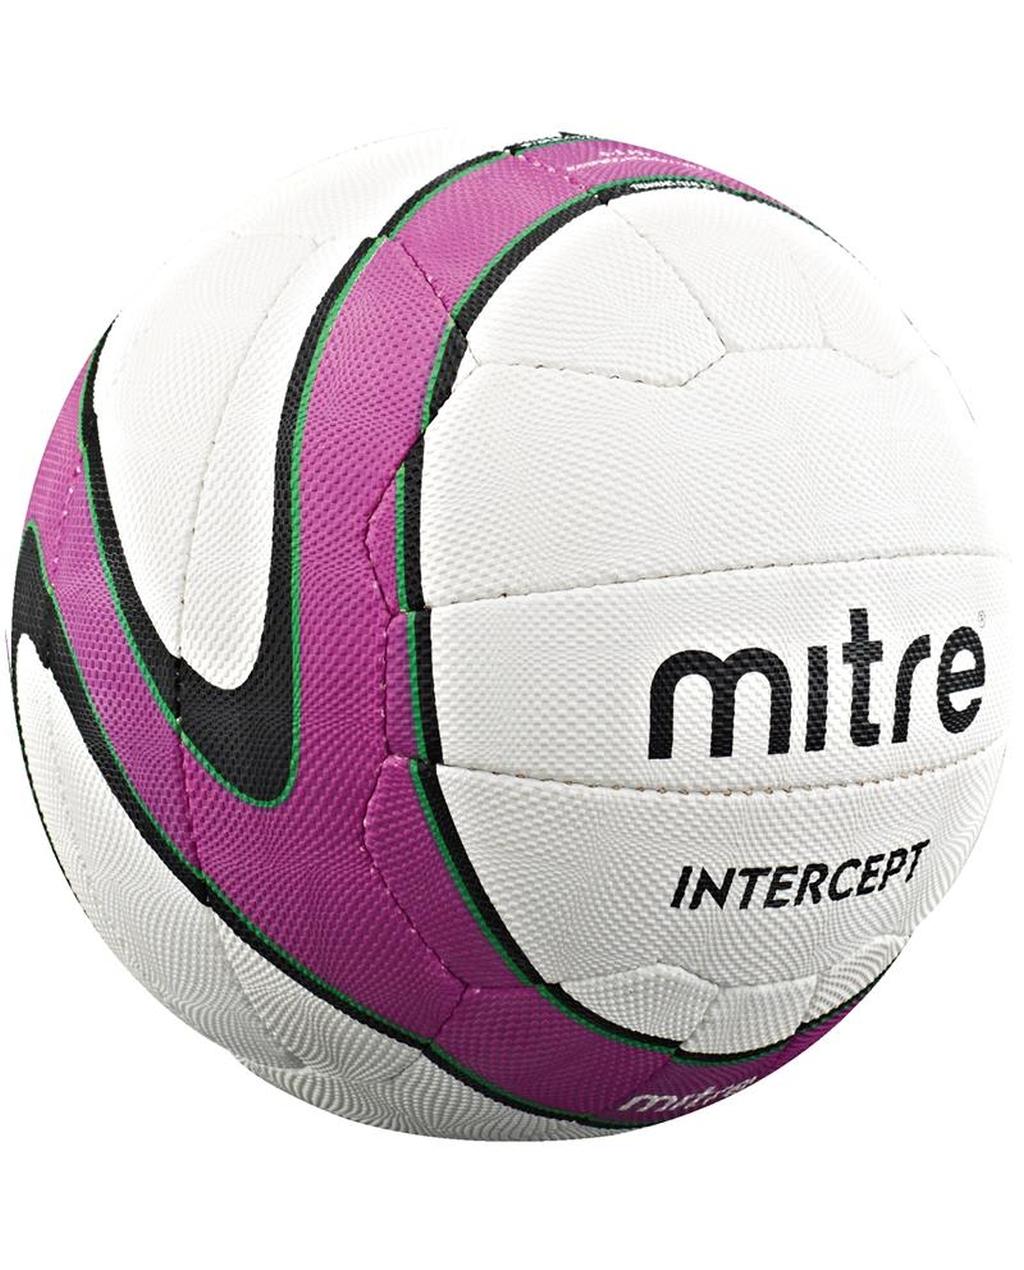 Mitre Intercept Pack of 10